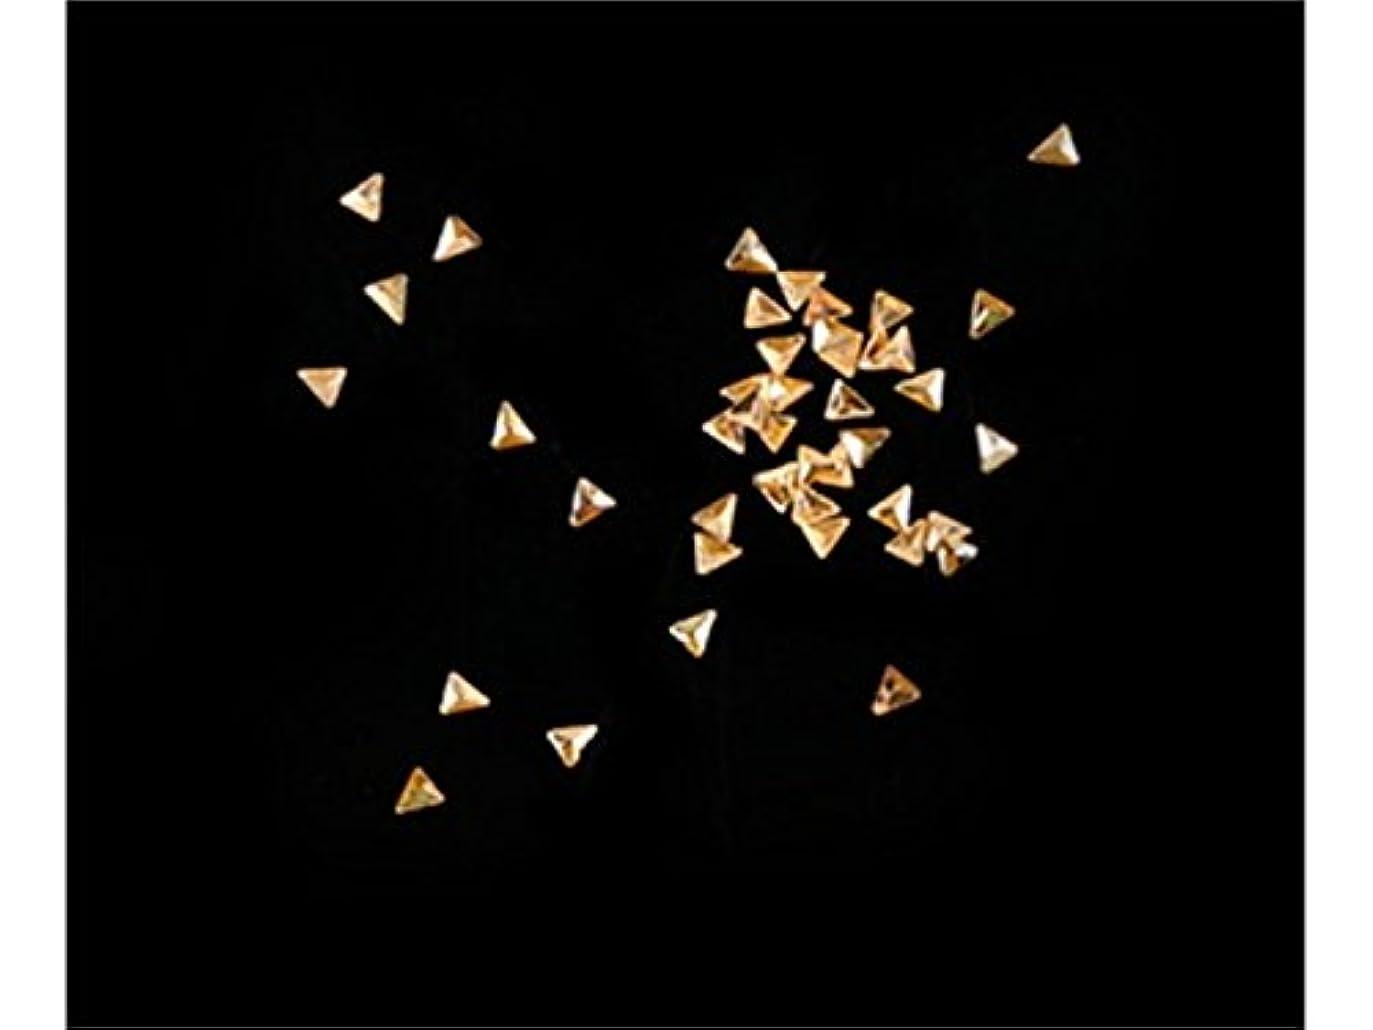 酸素神経衰弱有益Osize Giltterスタームーンリベット混合ストリップストライプネイルアートステッカーデカールアクセサリーマニキュアDIYツール(ゴールデン)